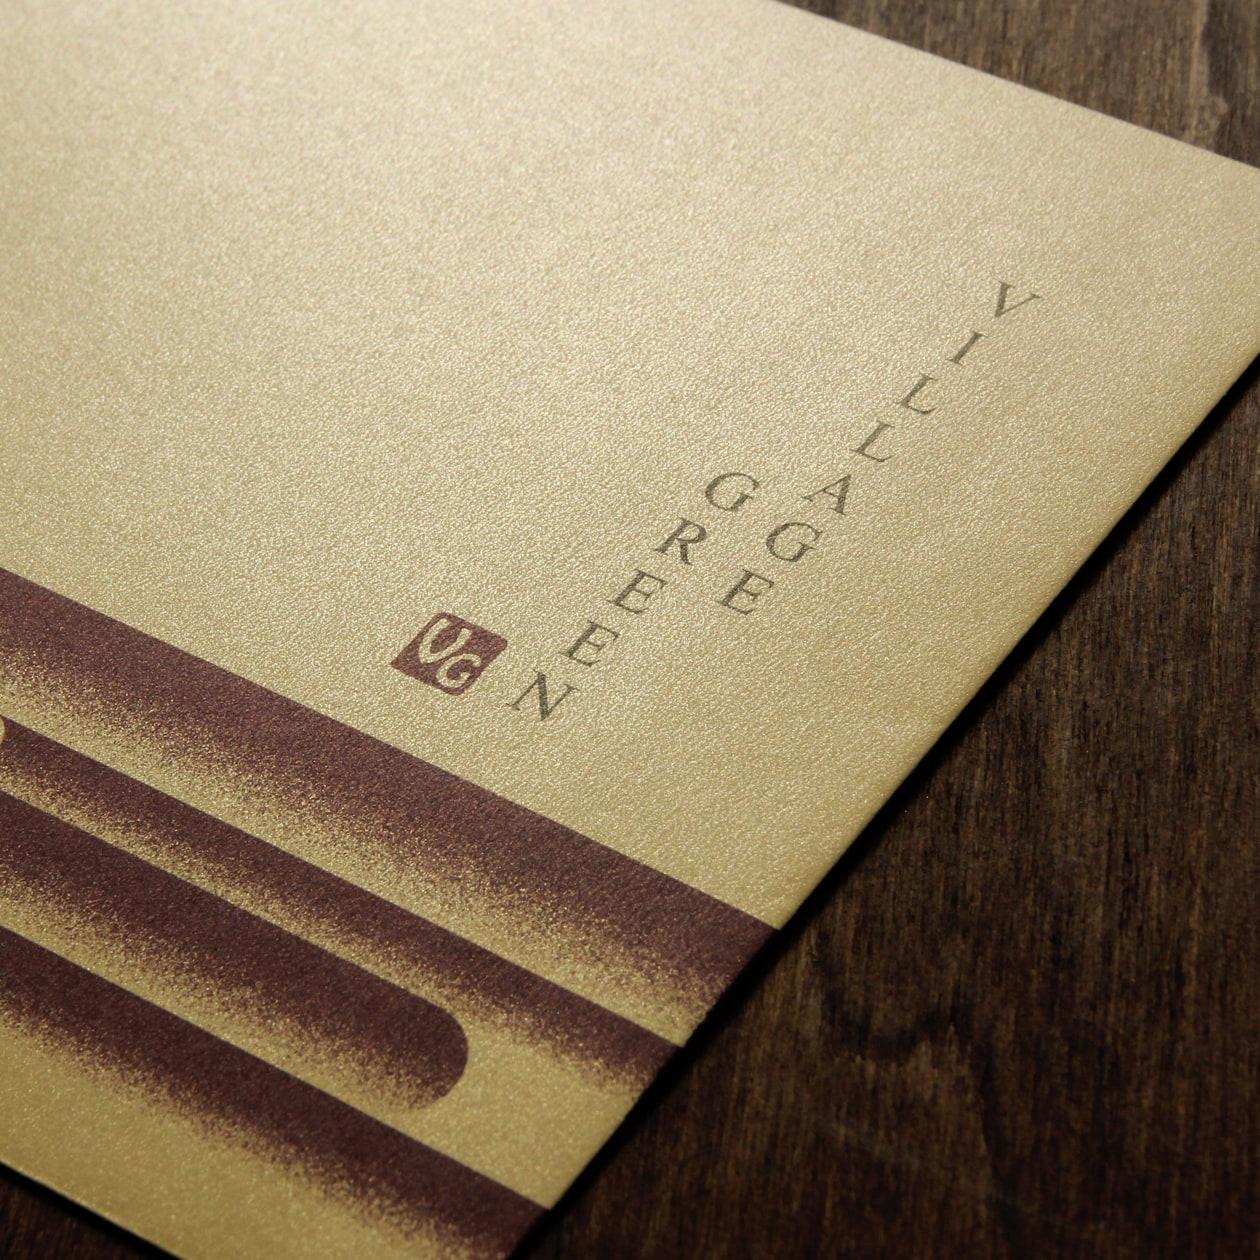 和のテイストのゴールドの封筒